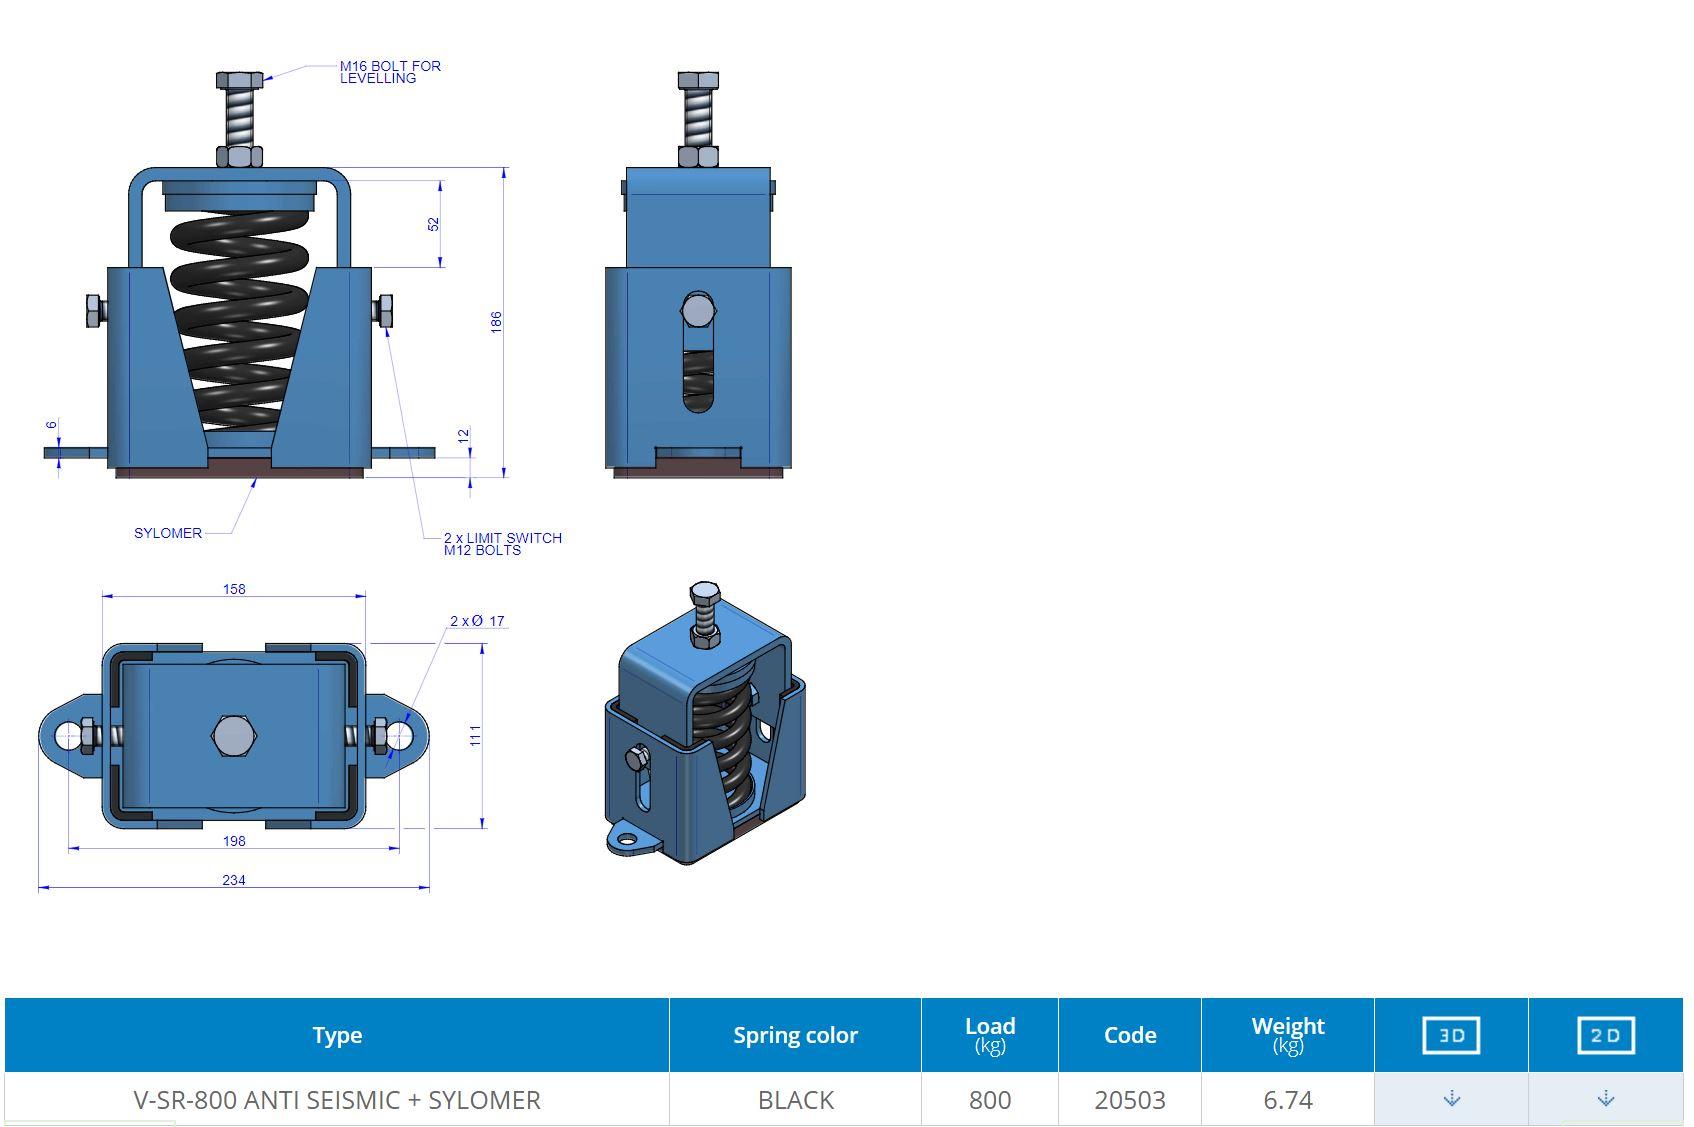 V-SR-800 ANTI SEISMIC + SYLOMER